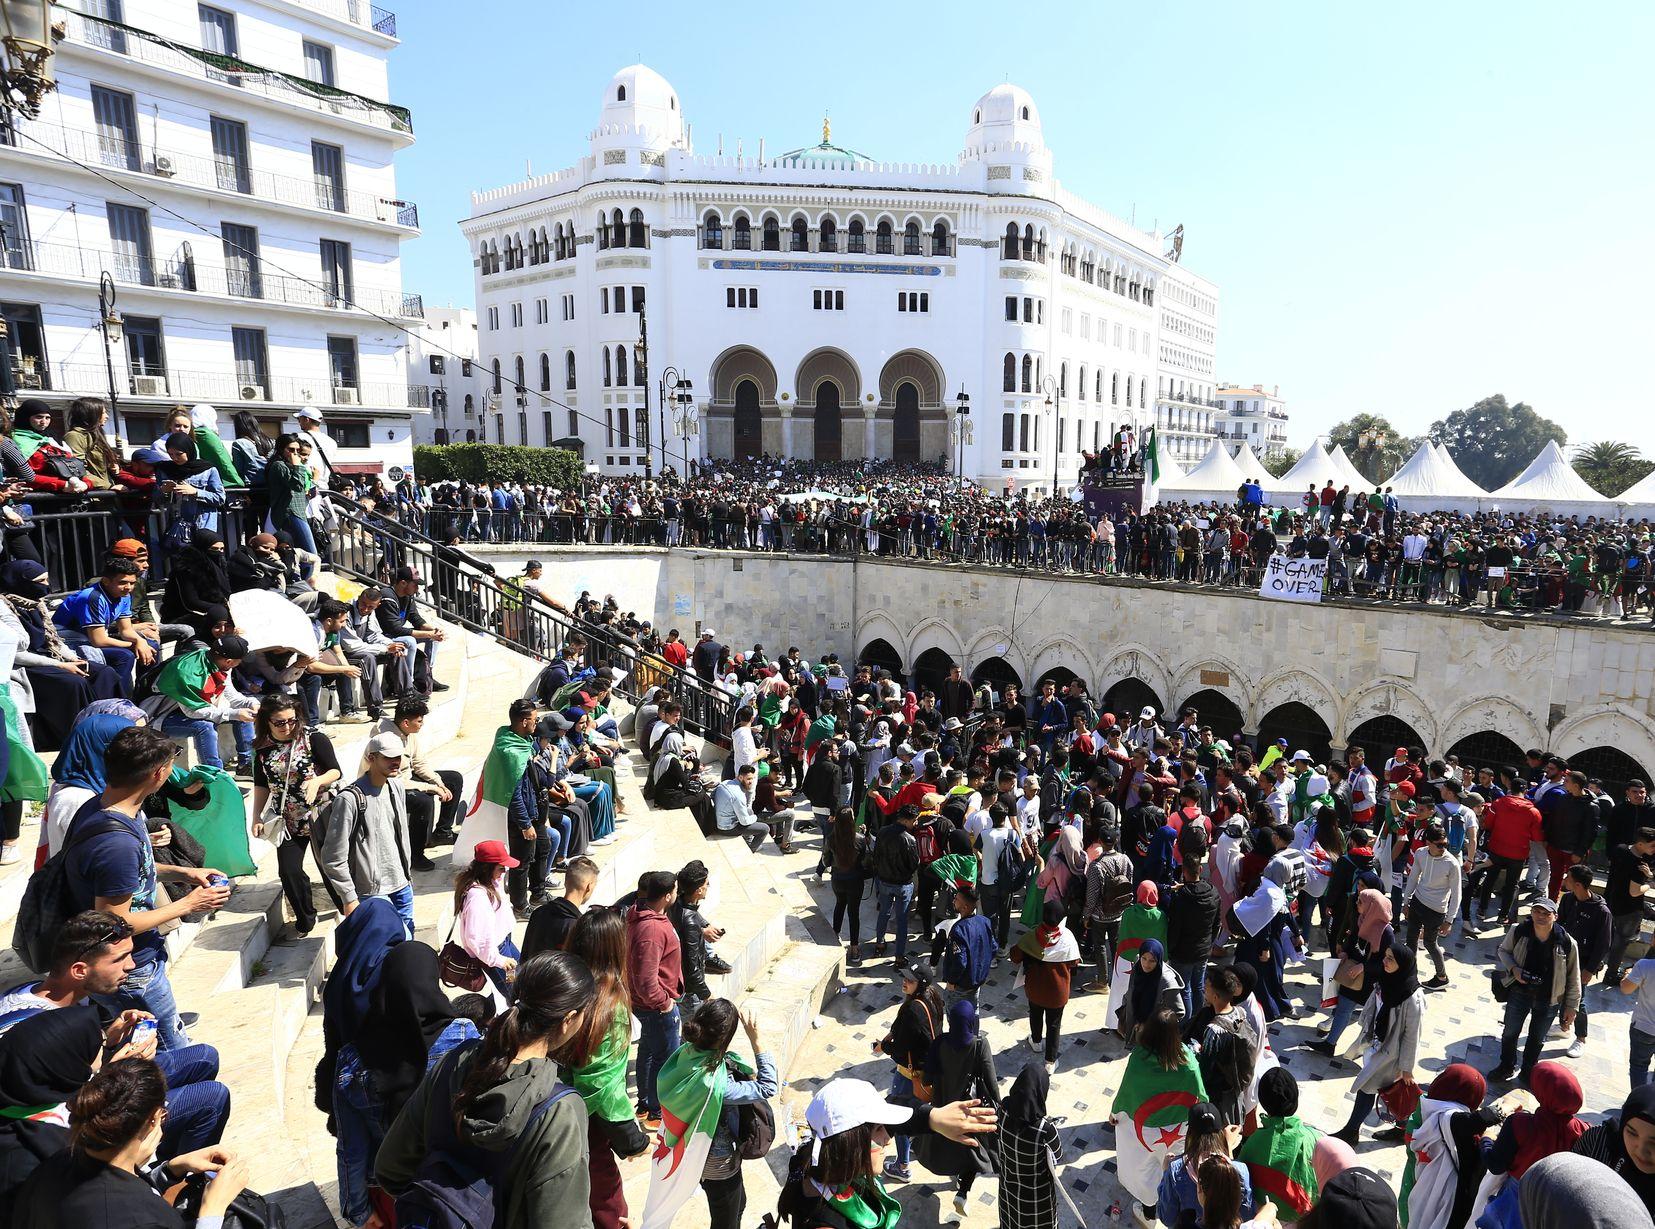 昨日继续有人在首都阿尔及尔和国内其他城市上街示威。